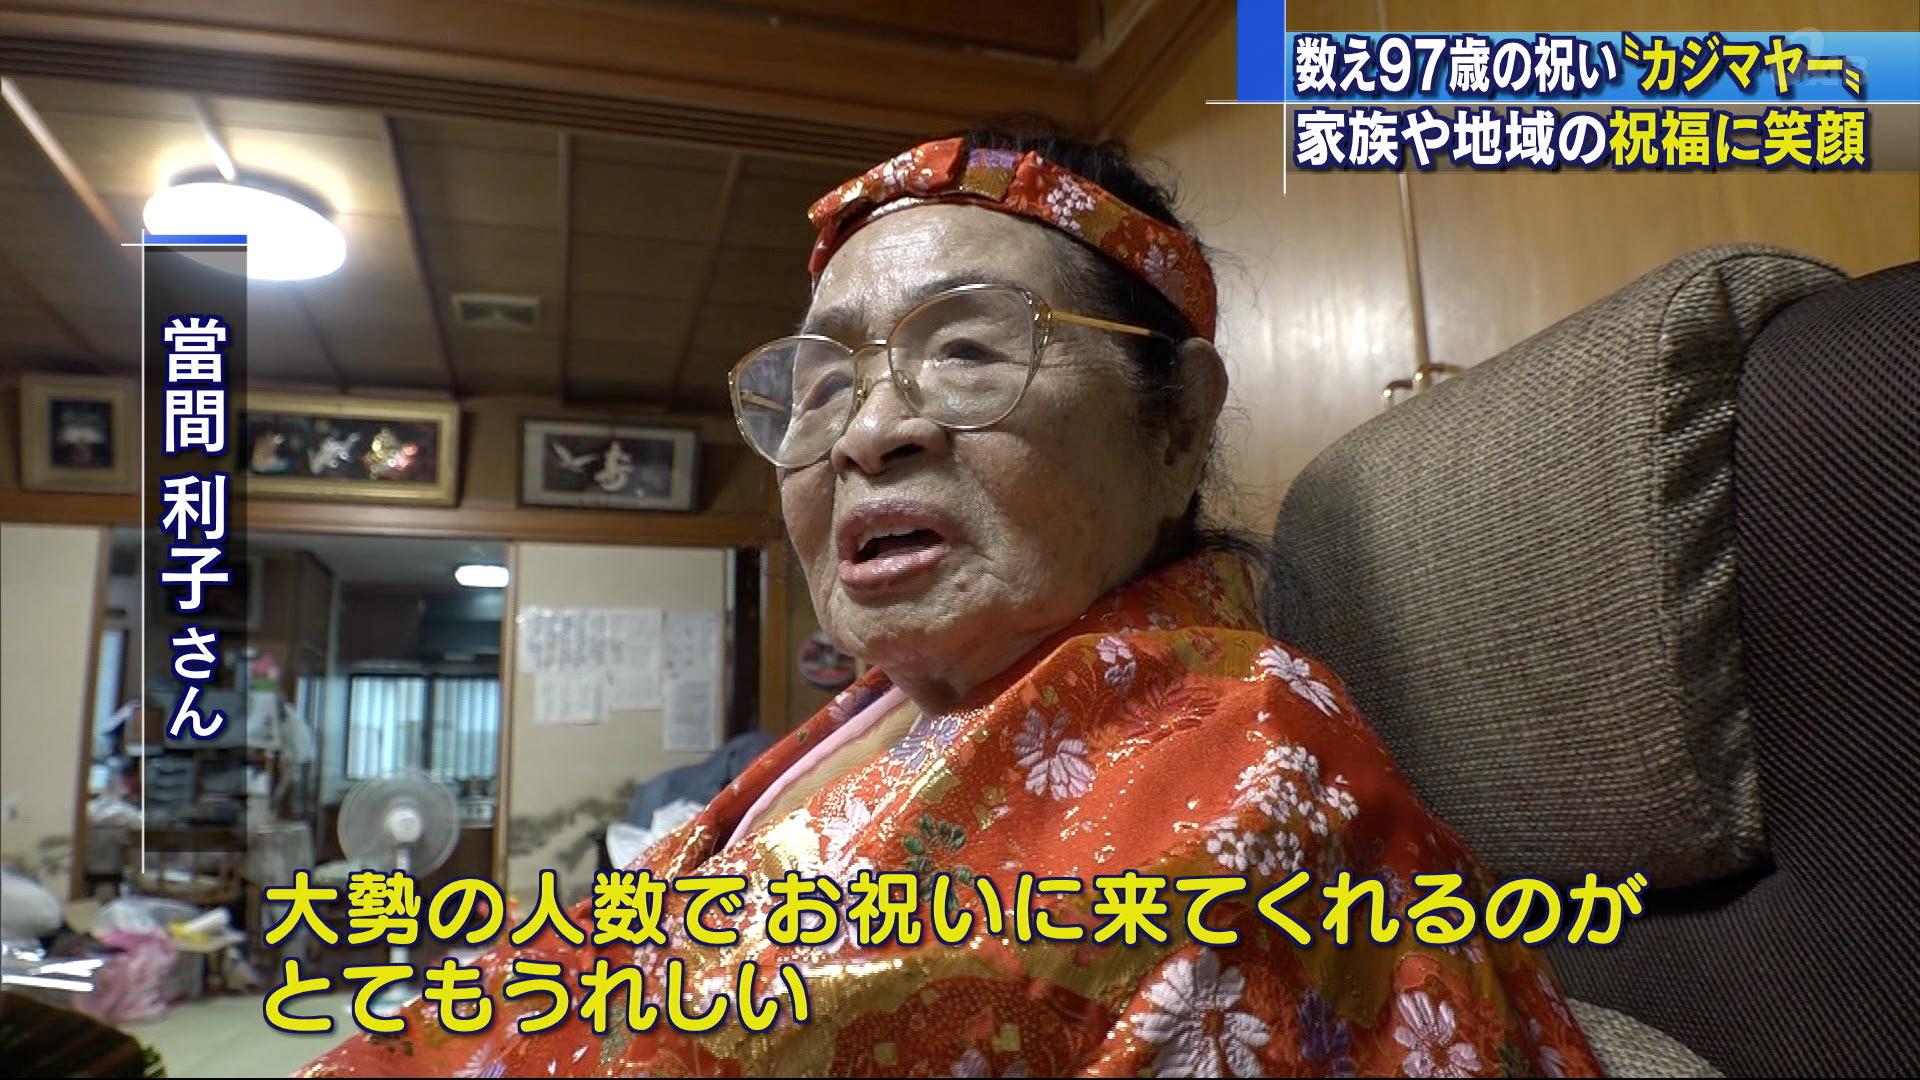 97歳のお祝いカジマヤー賑わう